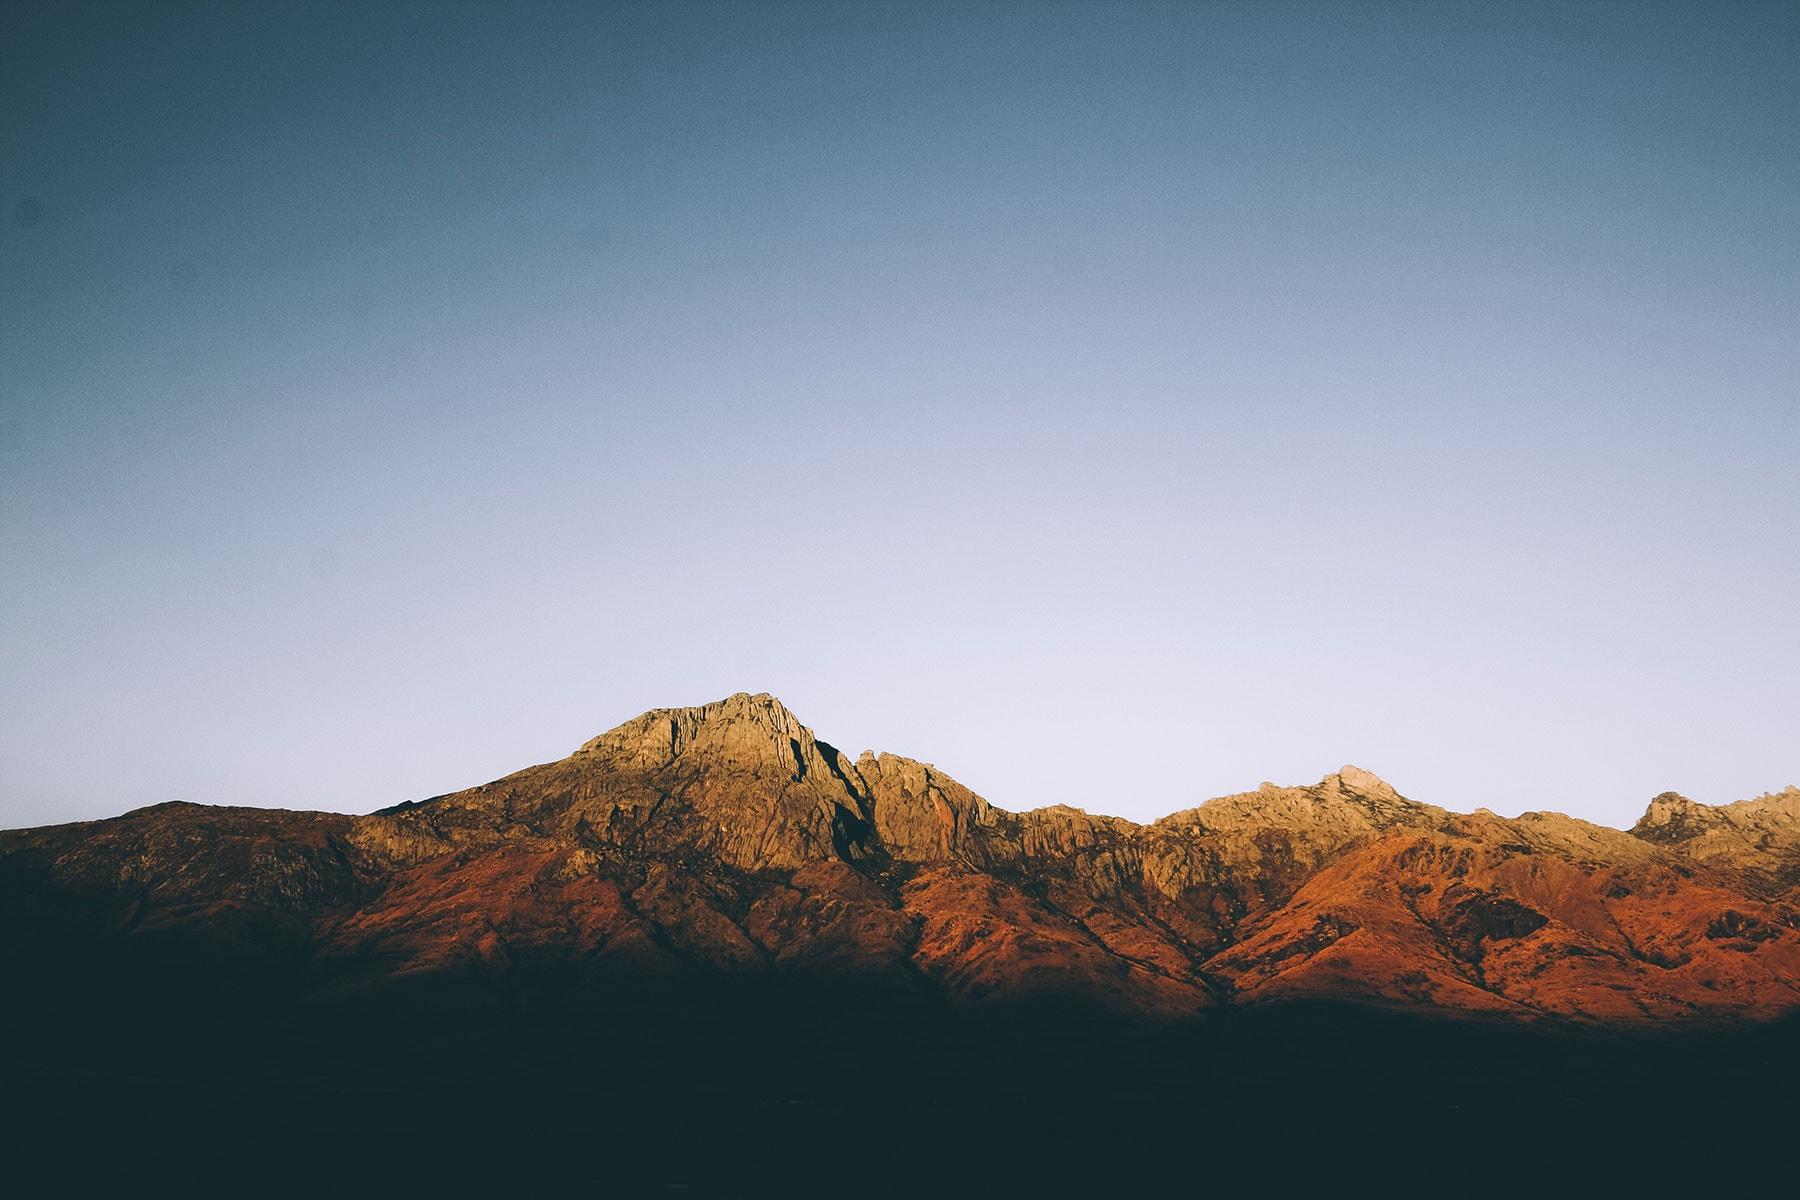 Resor-till-Madagaskar---bergstoppar---Nygren-Lind-Resebyrå